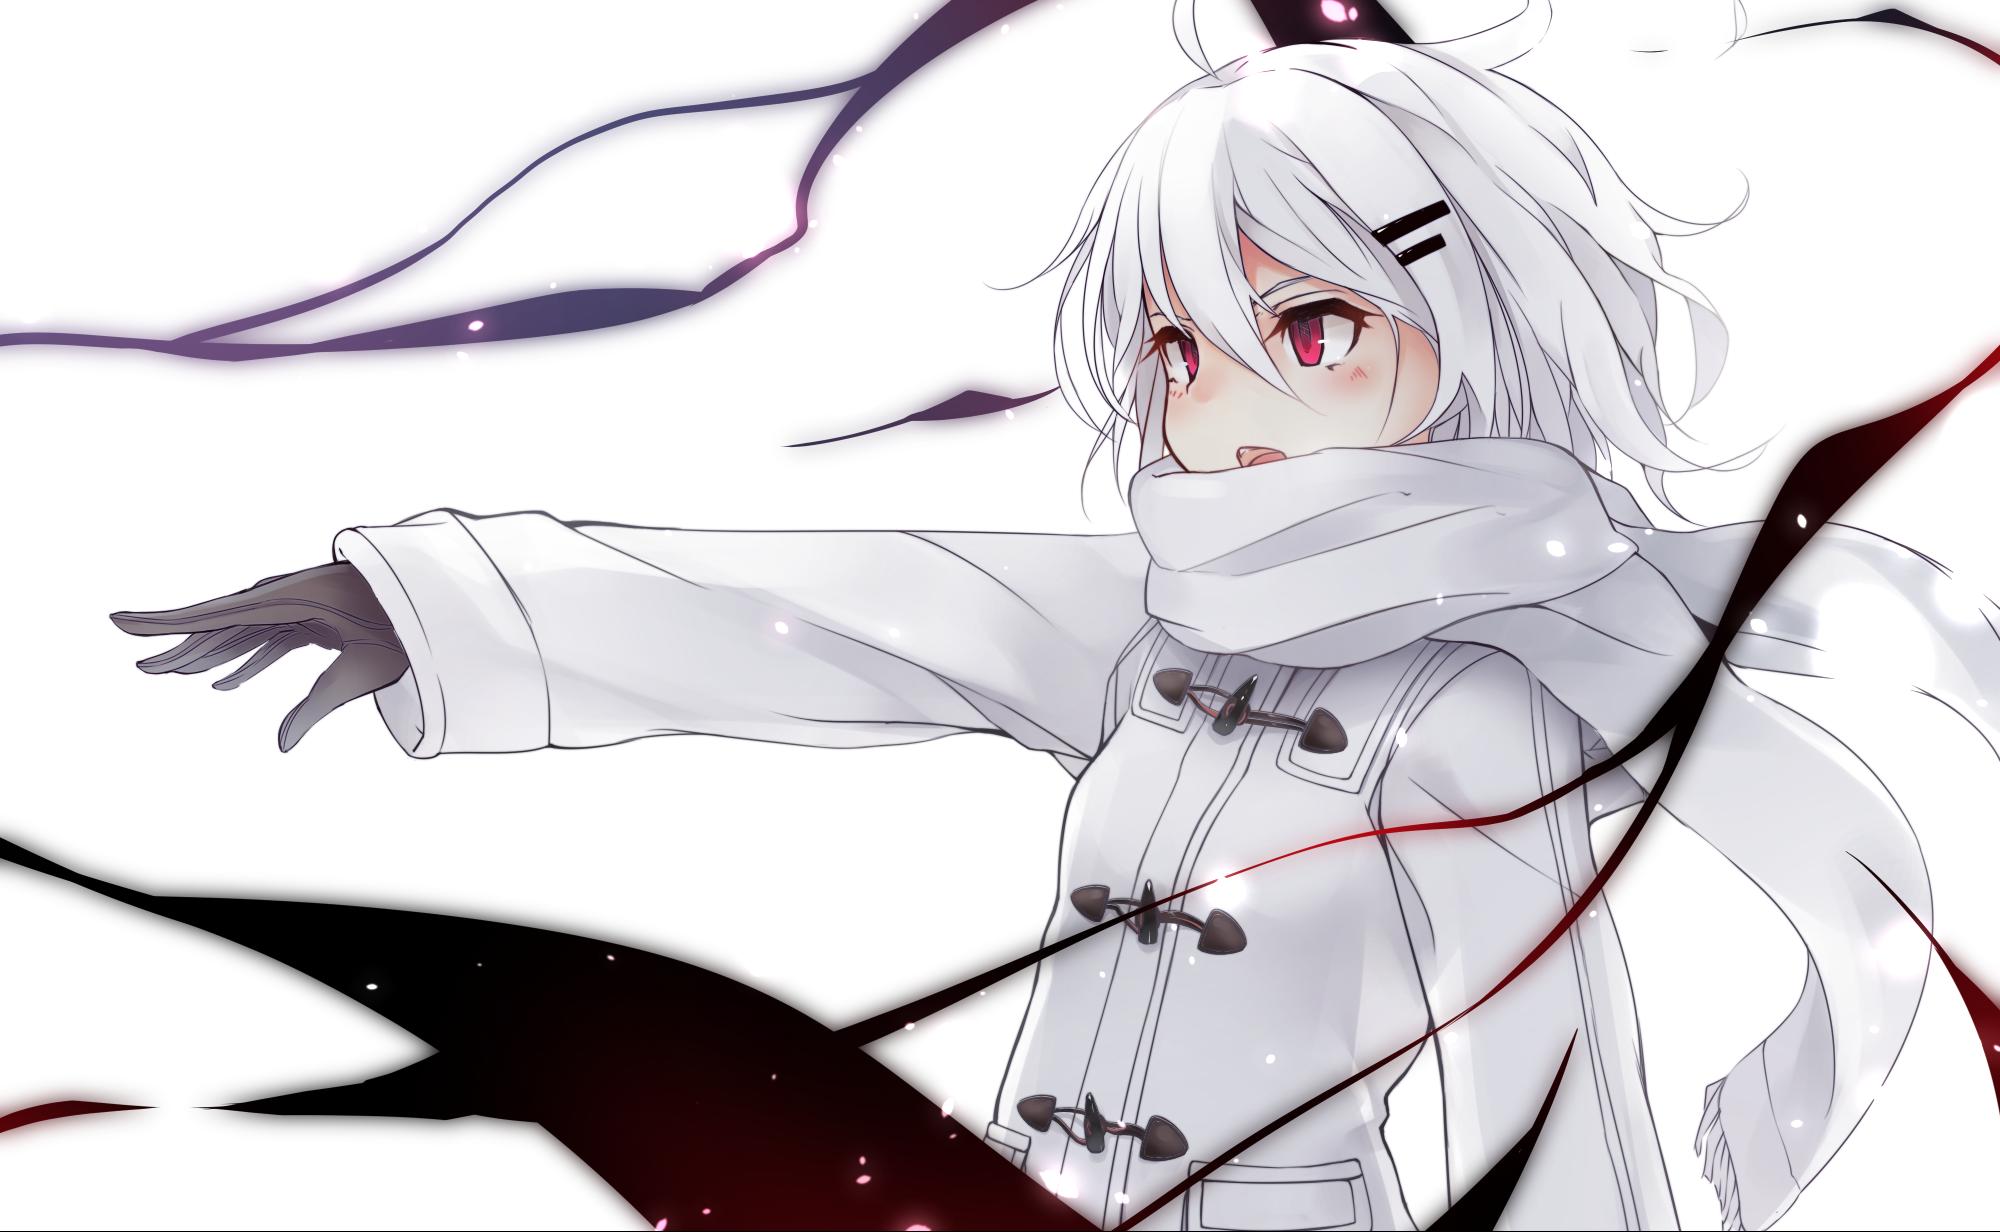 Hình ảnh anime tóc bạch kim quyền năng siêu nhiên